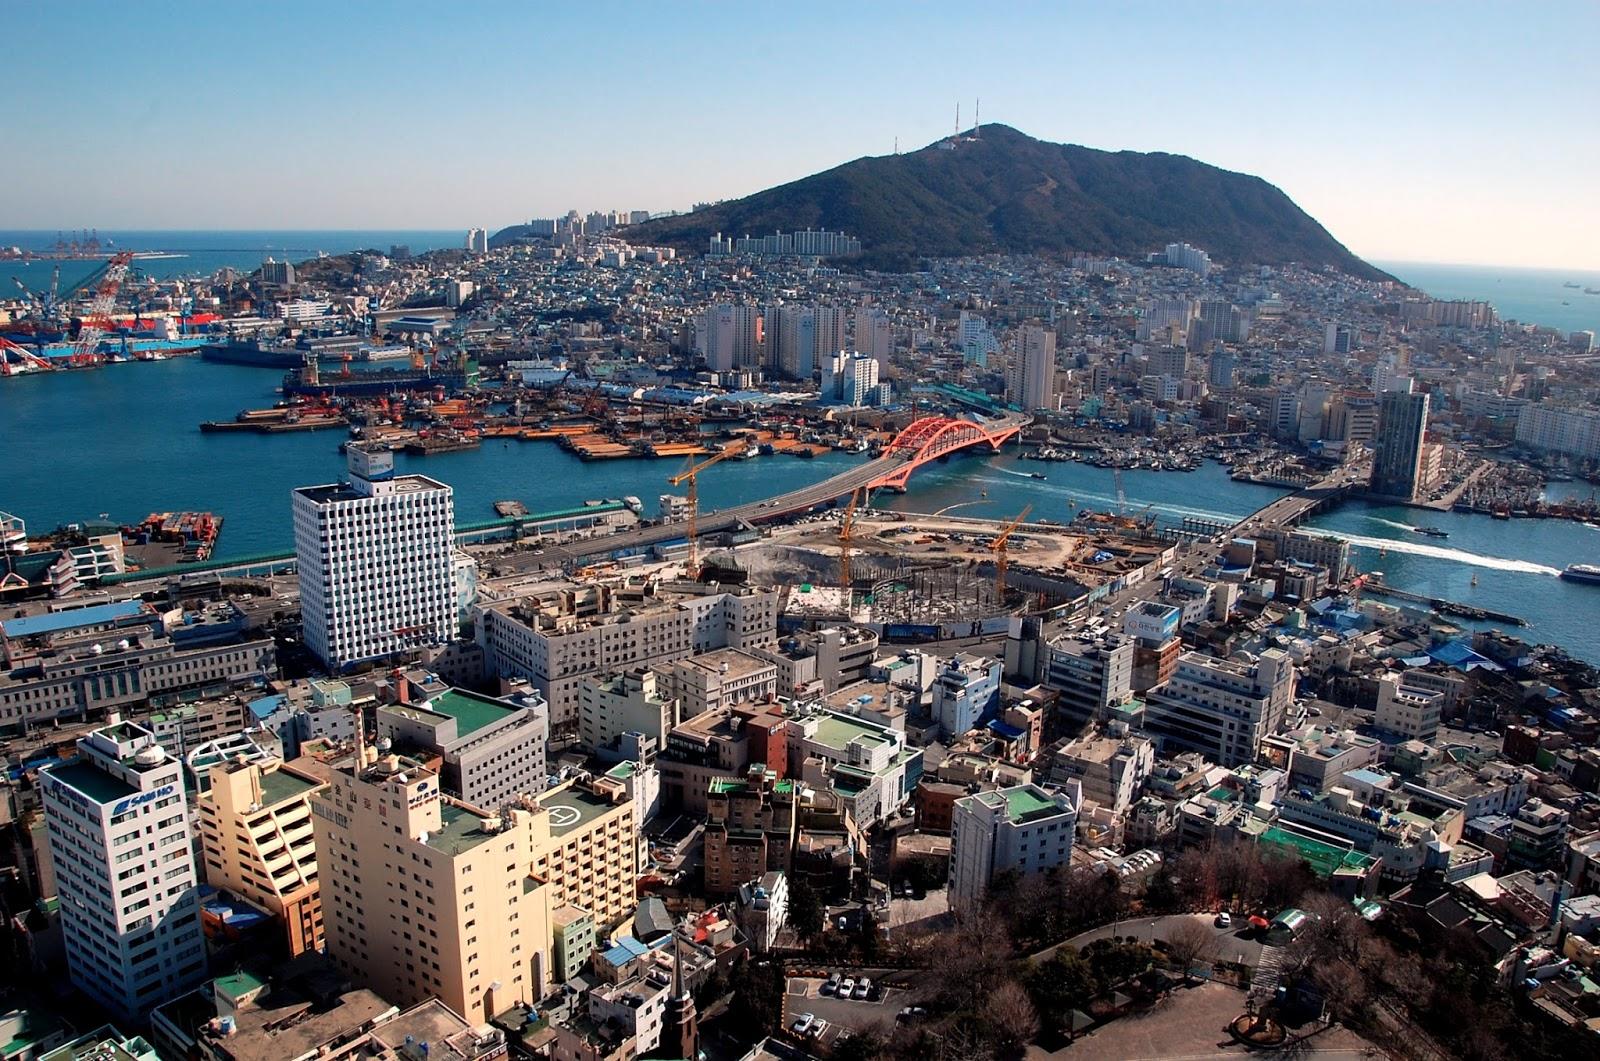 جيونغ جو، كوريا الجنوبية